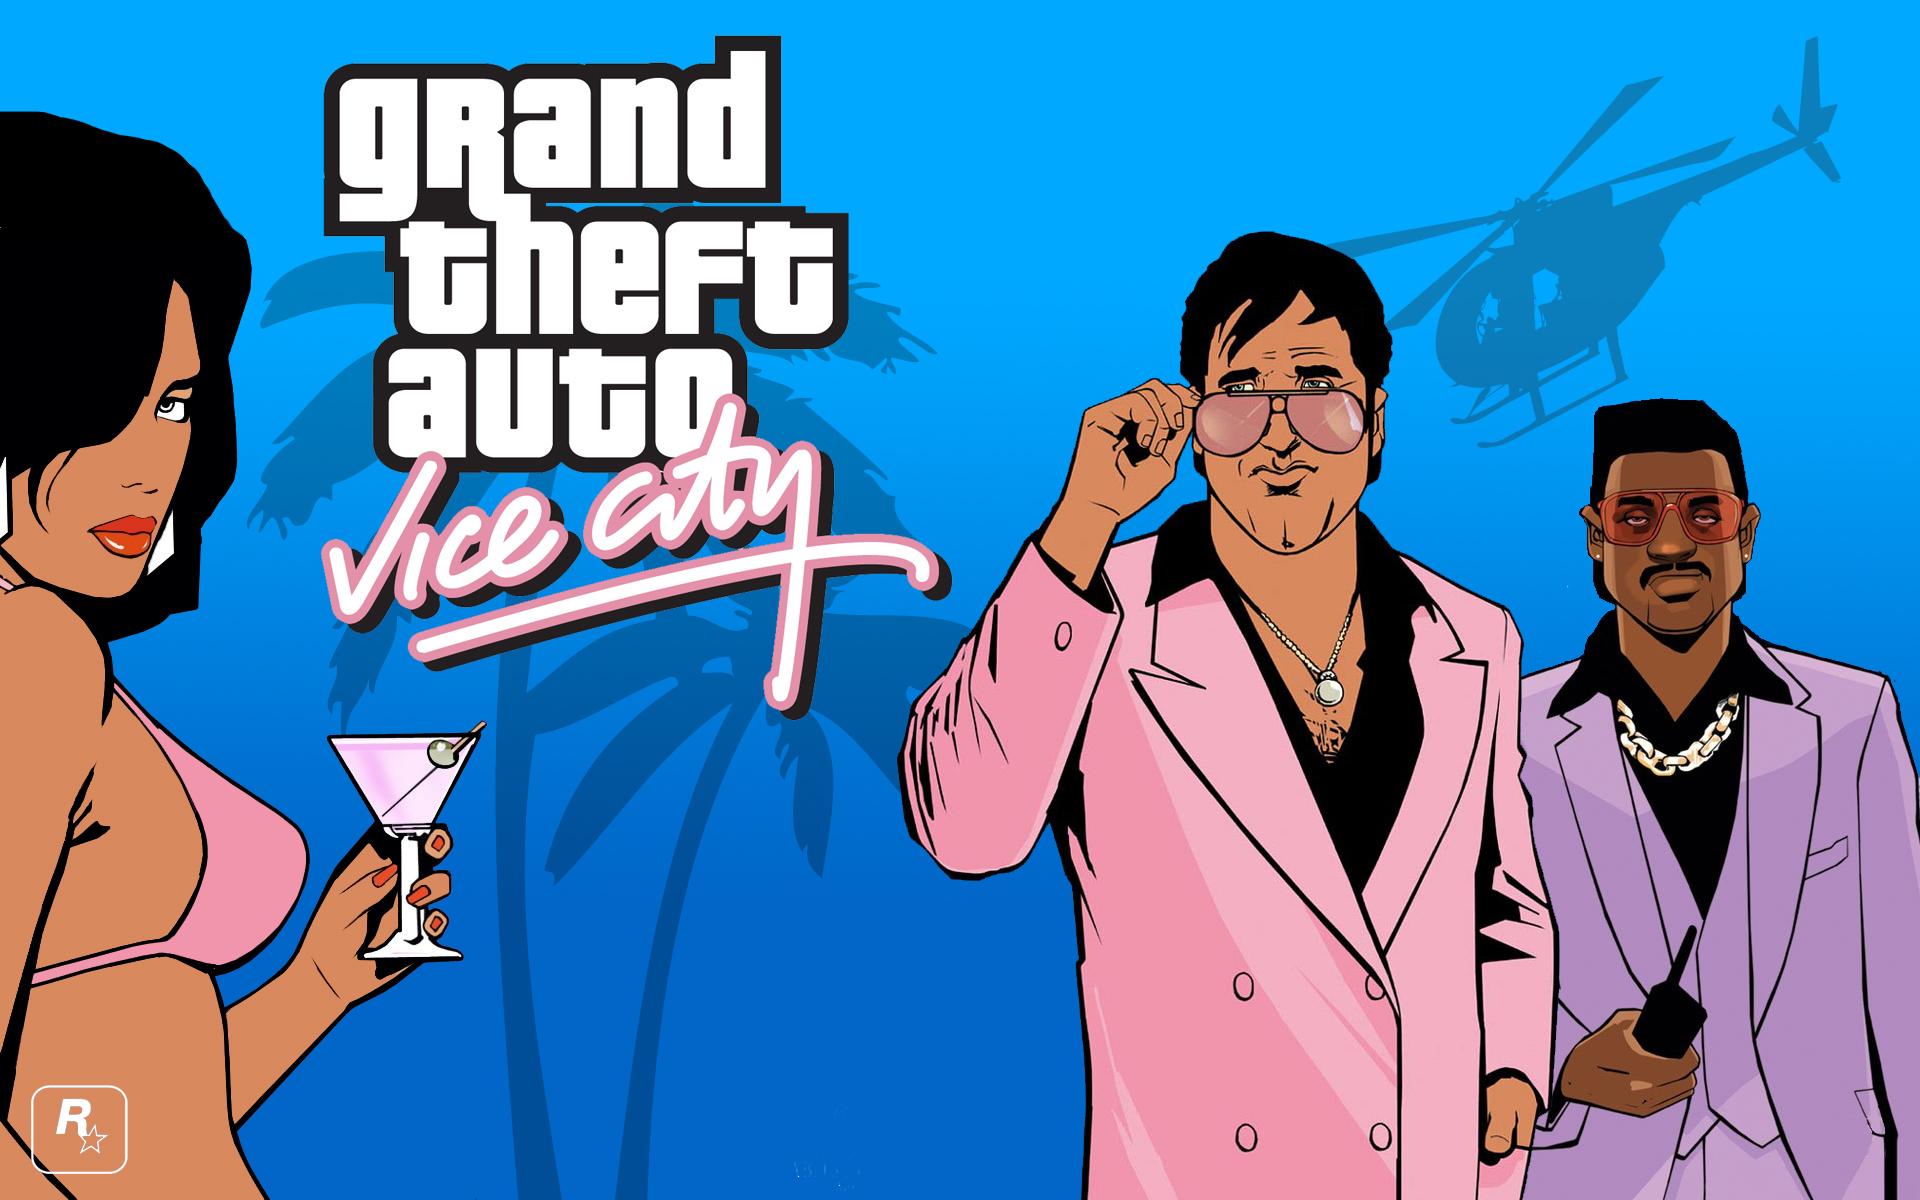 Epische-Videospiele-GTA-Vice-City-Rockstar-Games